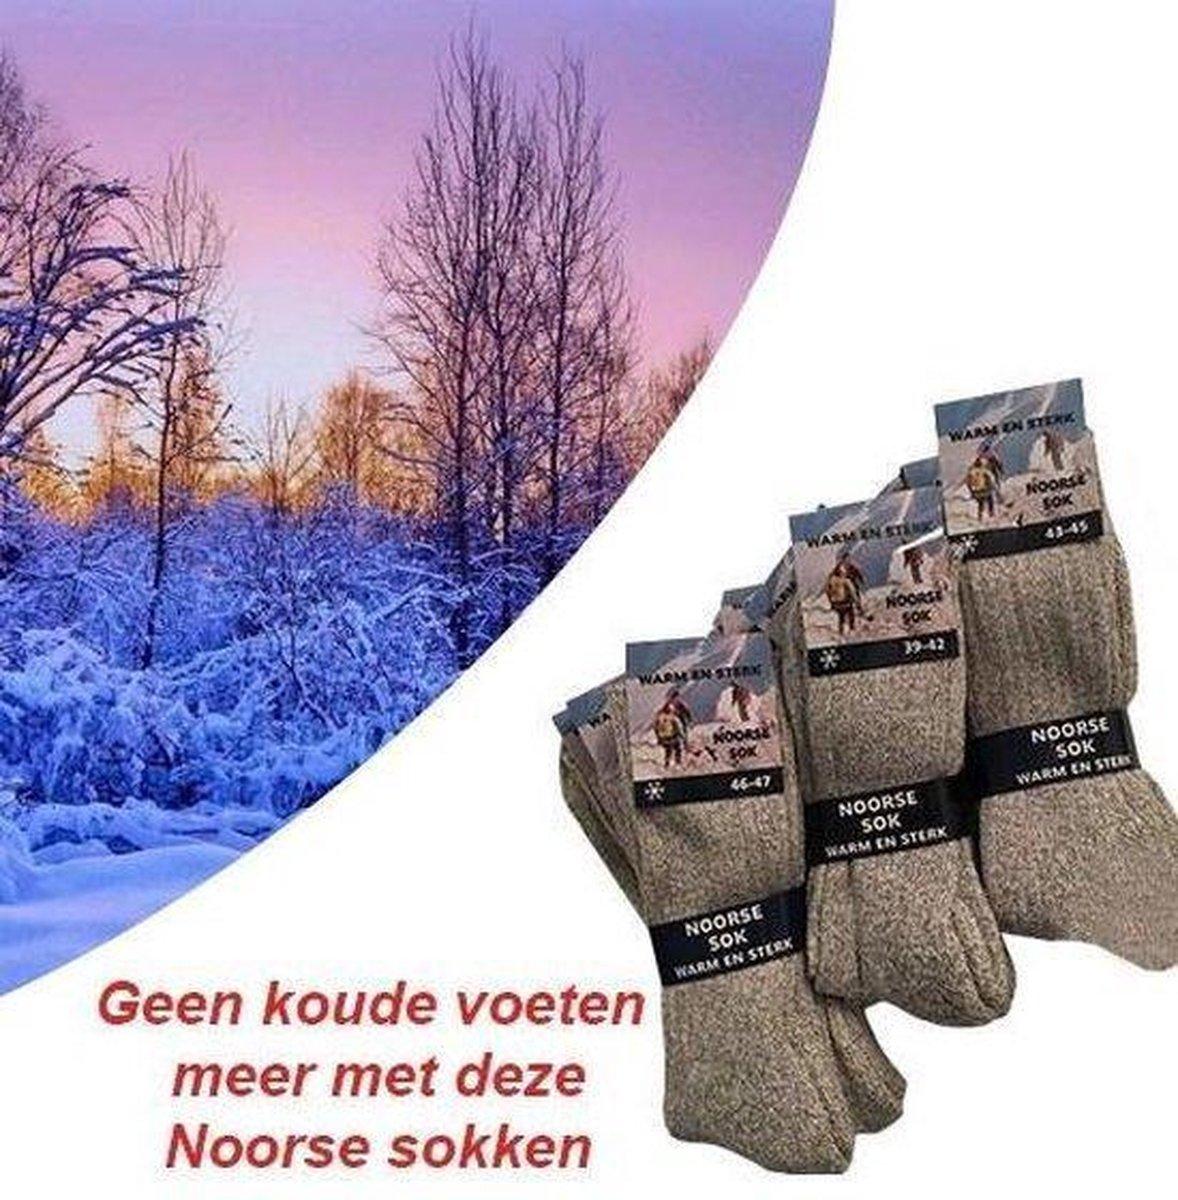 1 Paar Noorse Sokken Winter Sokken Maat 43-45 Unisex Maat 43-45 - Werksokken - Wollen Sokken - Geitenwollen Sokken